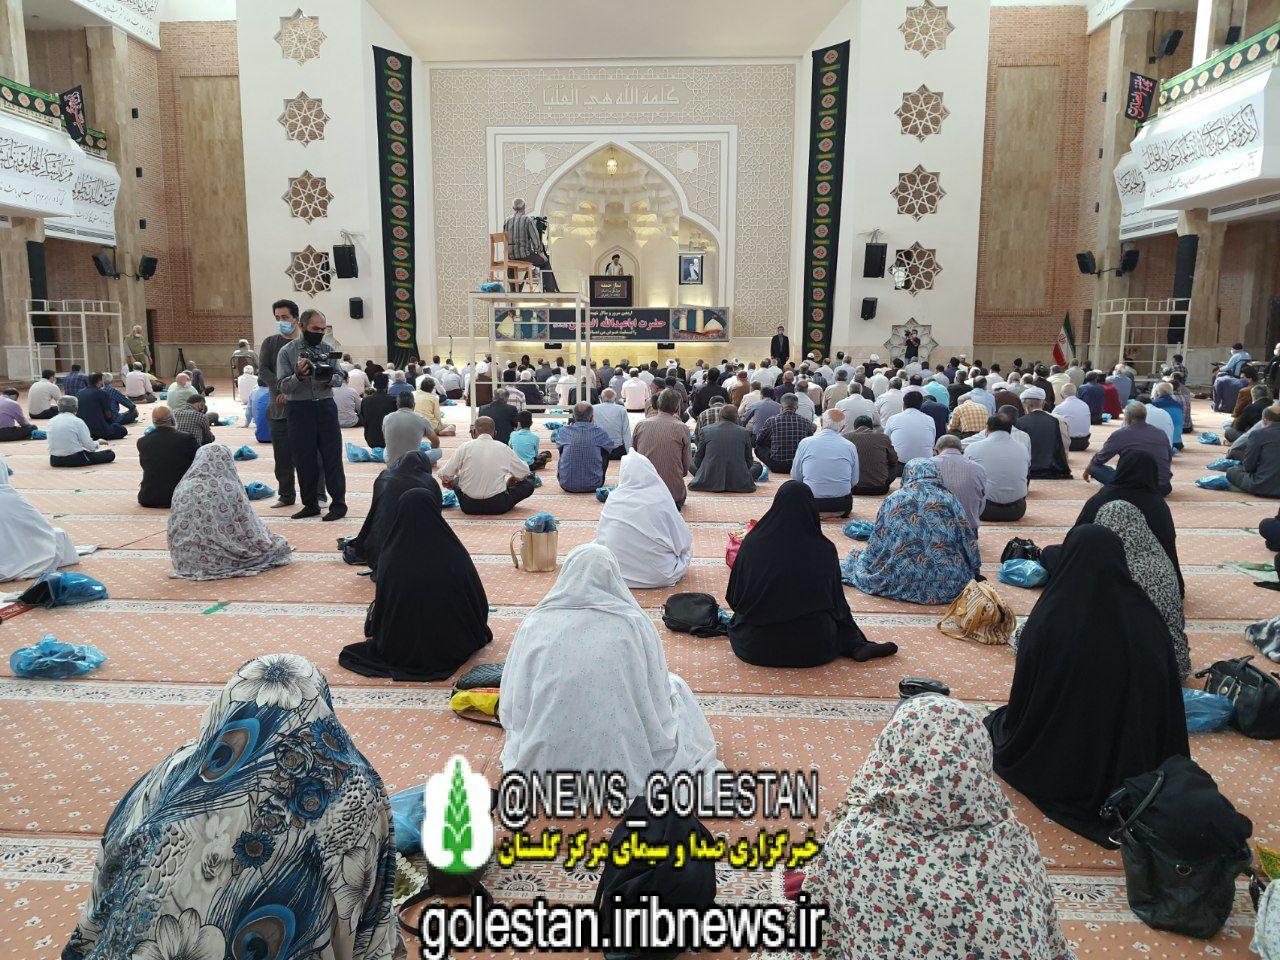 اربعین حسینی جلوه گاه اتحاد مسلمانان و آزادیخواهان دنیا